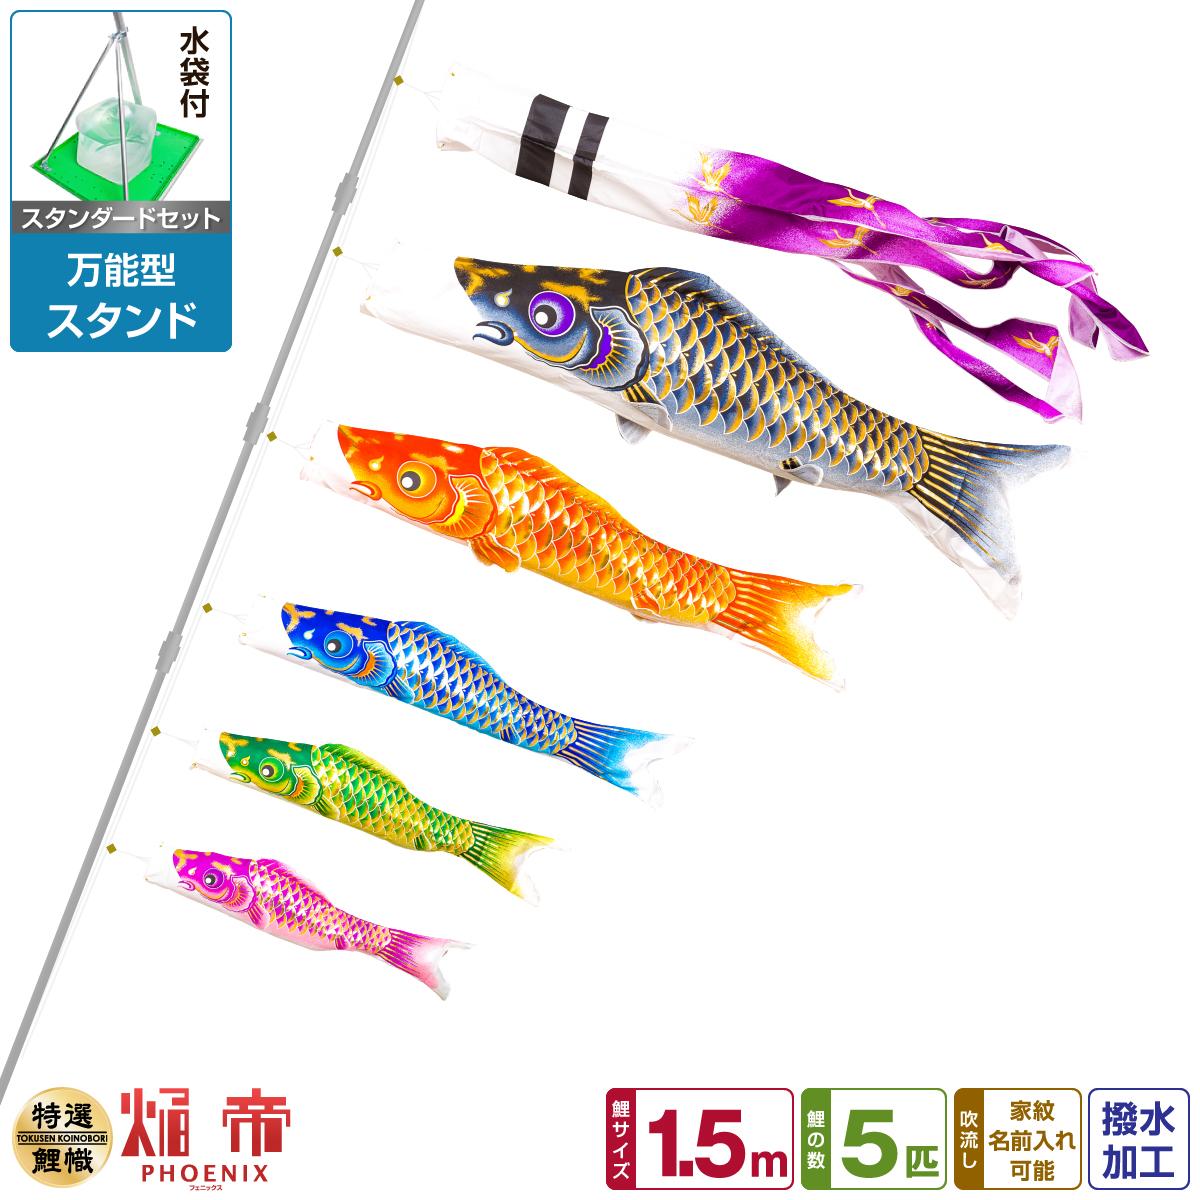 ベランダ用 こいのぼり 鯉のぼり 焔帝鯉フェニックス 1.5m 8点(吹流し+鯉5匹+矢車+ロープ)/スタンダードセット(万能スタンド)